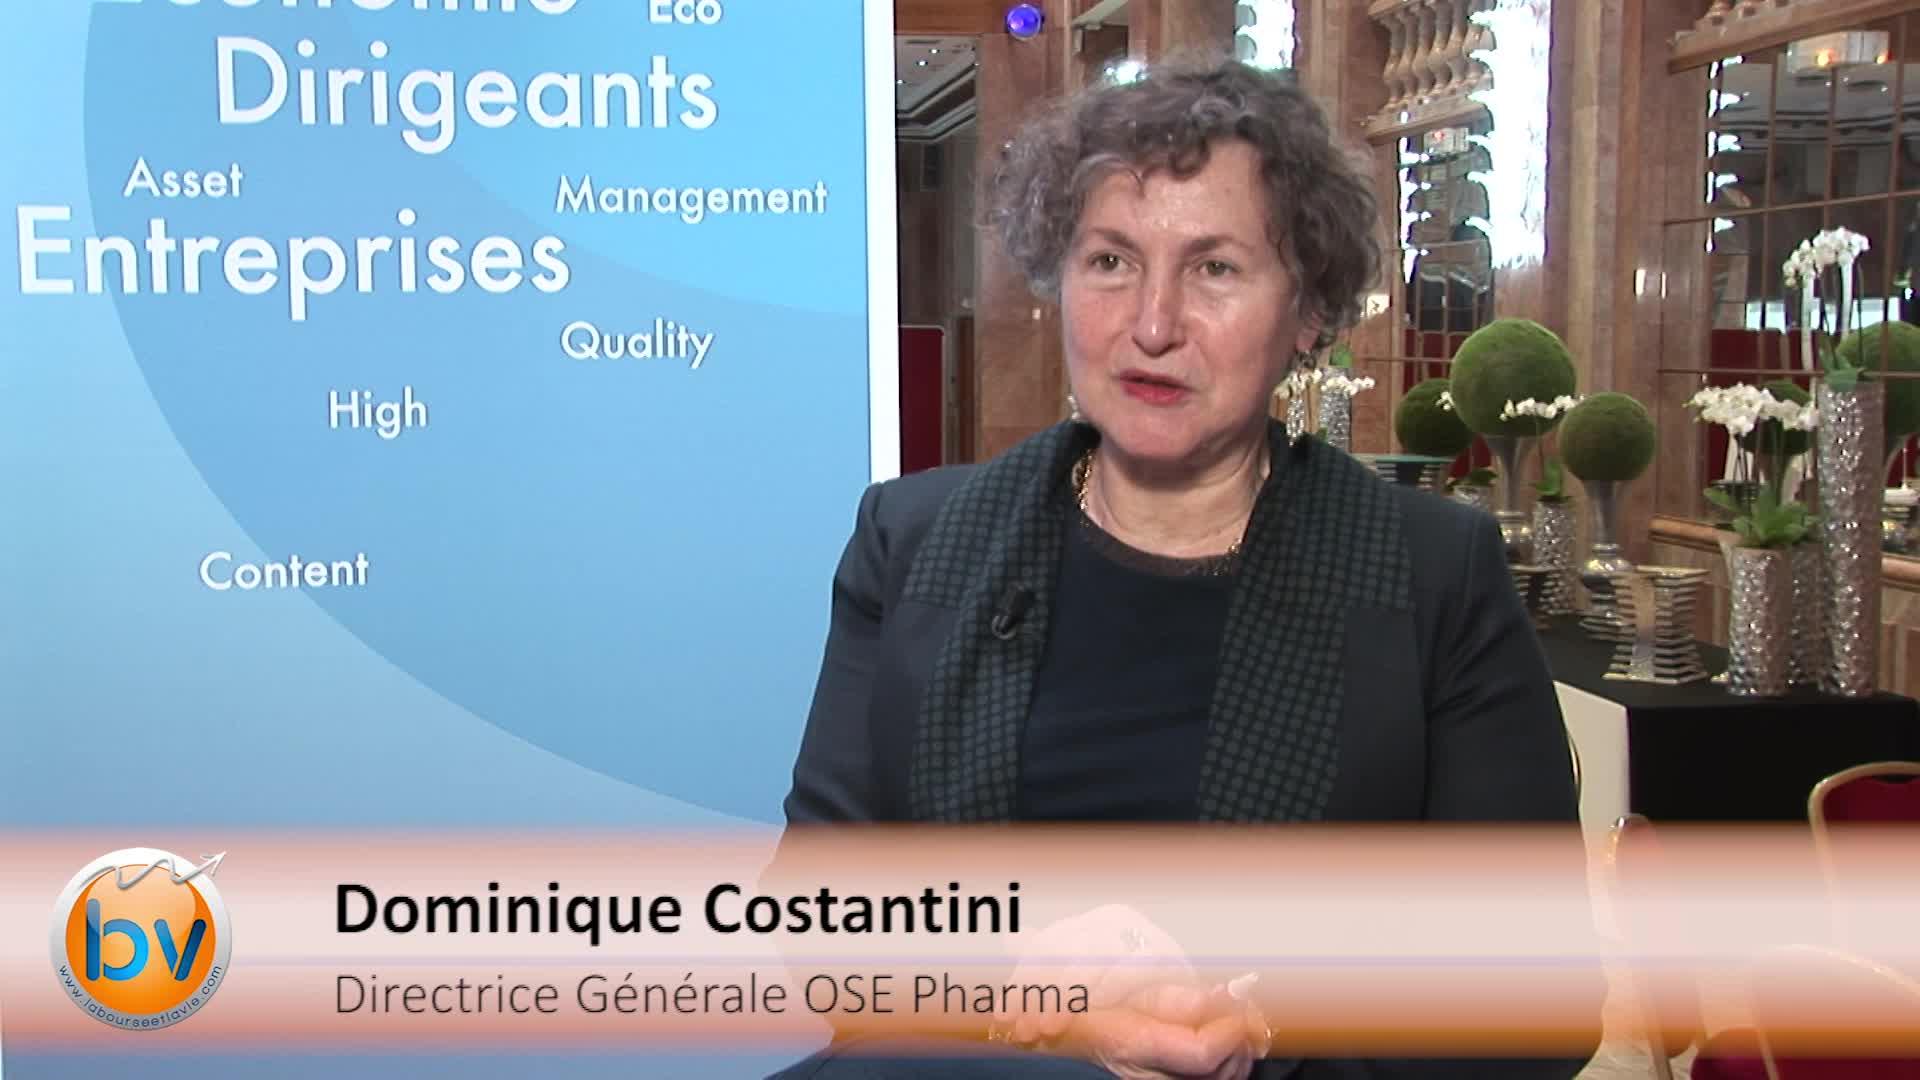 """Dominique Costantini Directrice Générale OSE Pharma : """"Notre travail va bientôt arriver à une plus grande maturité"""""""